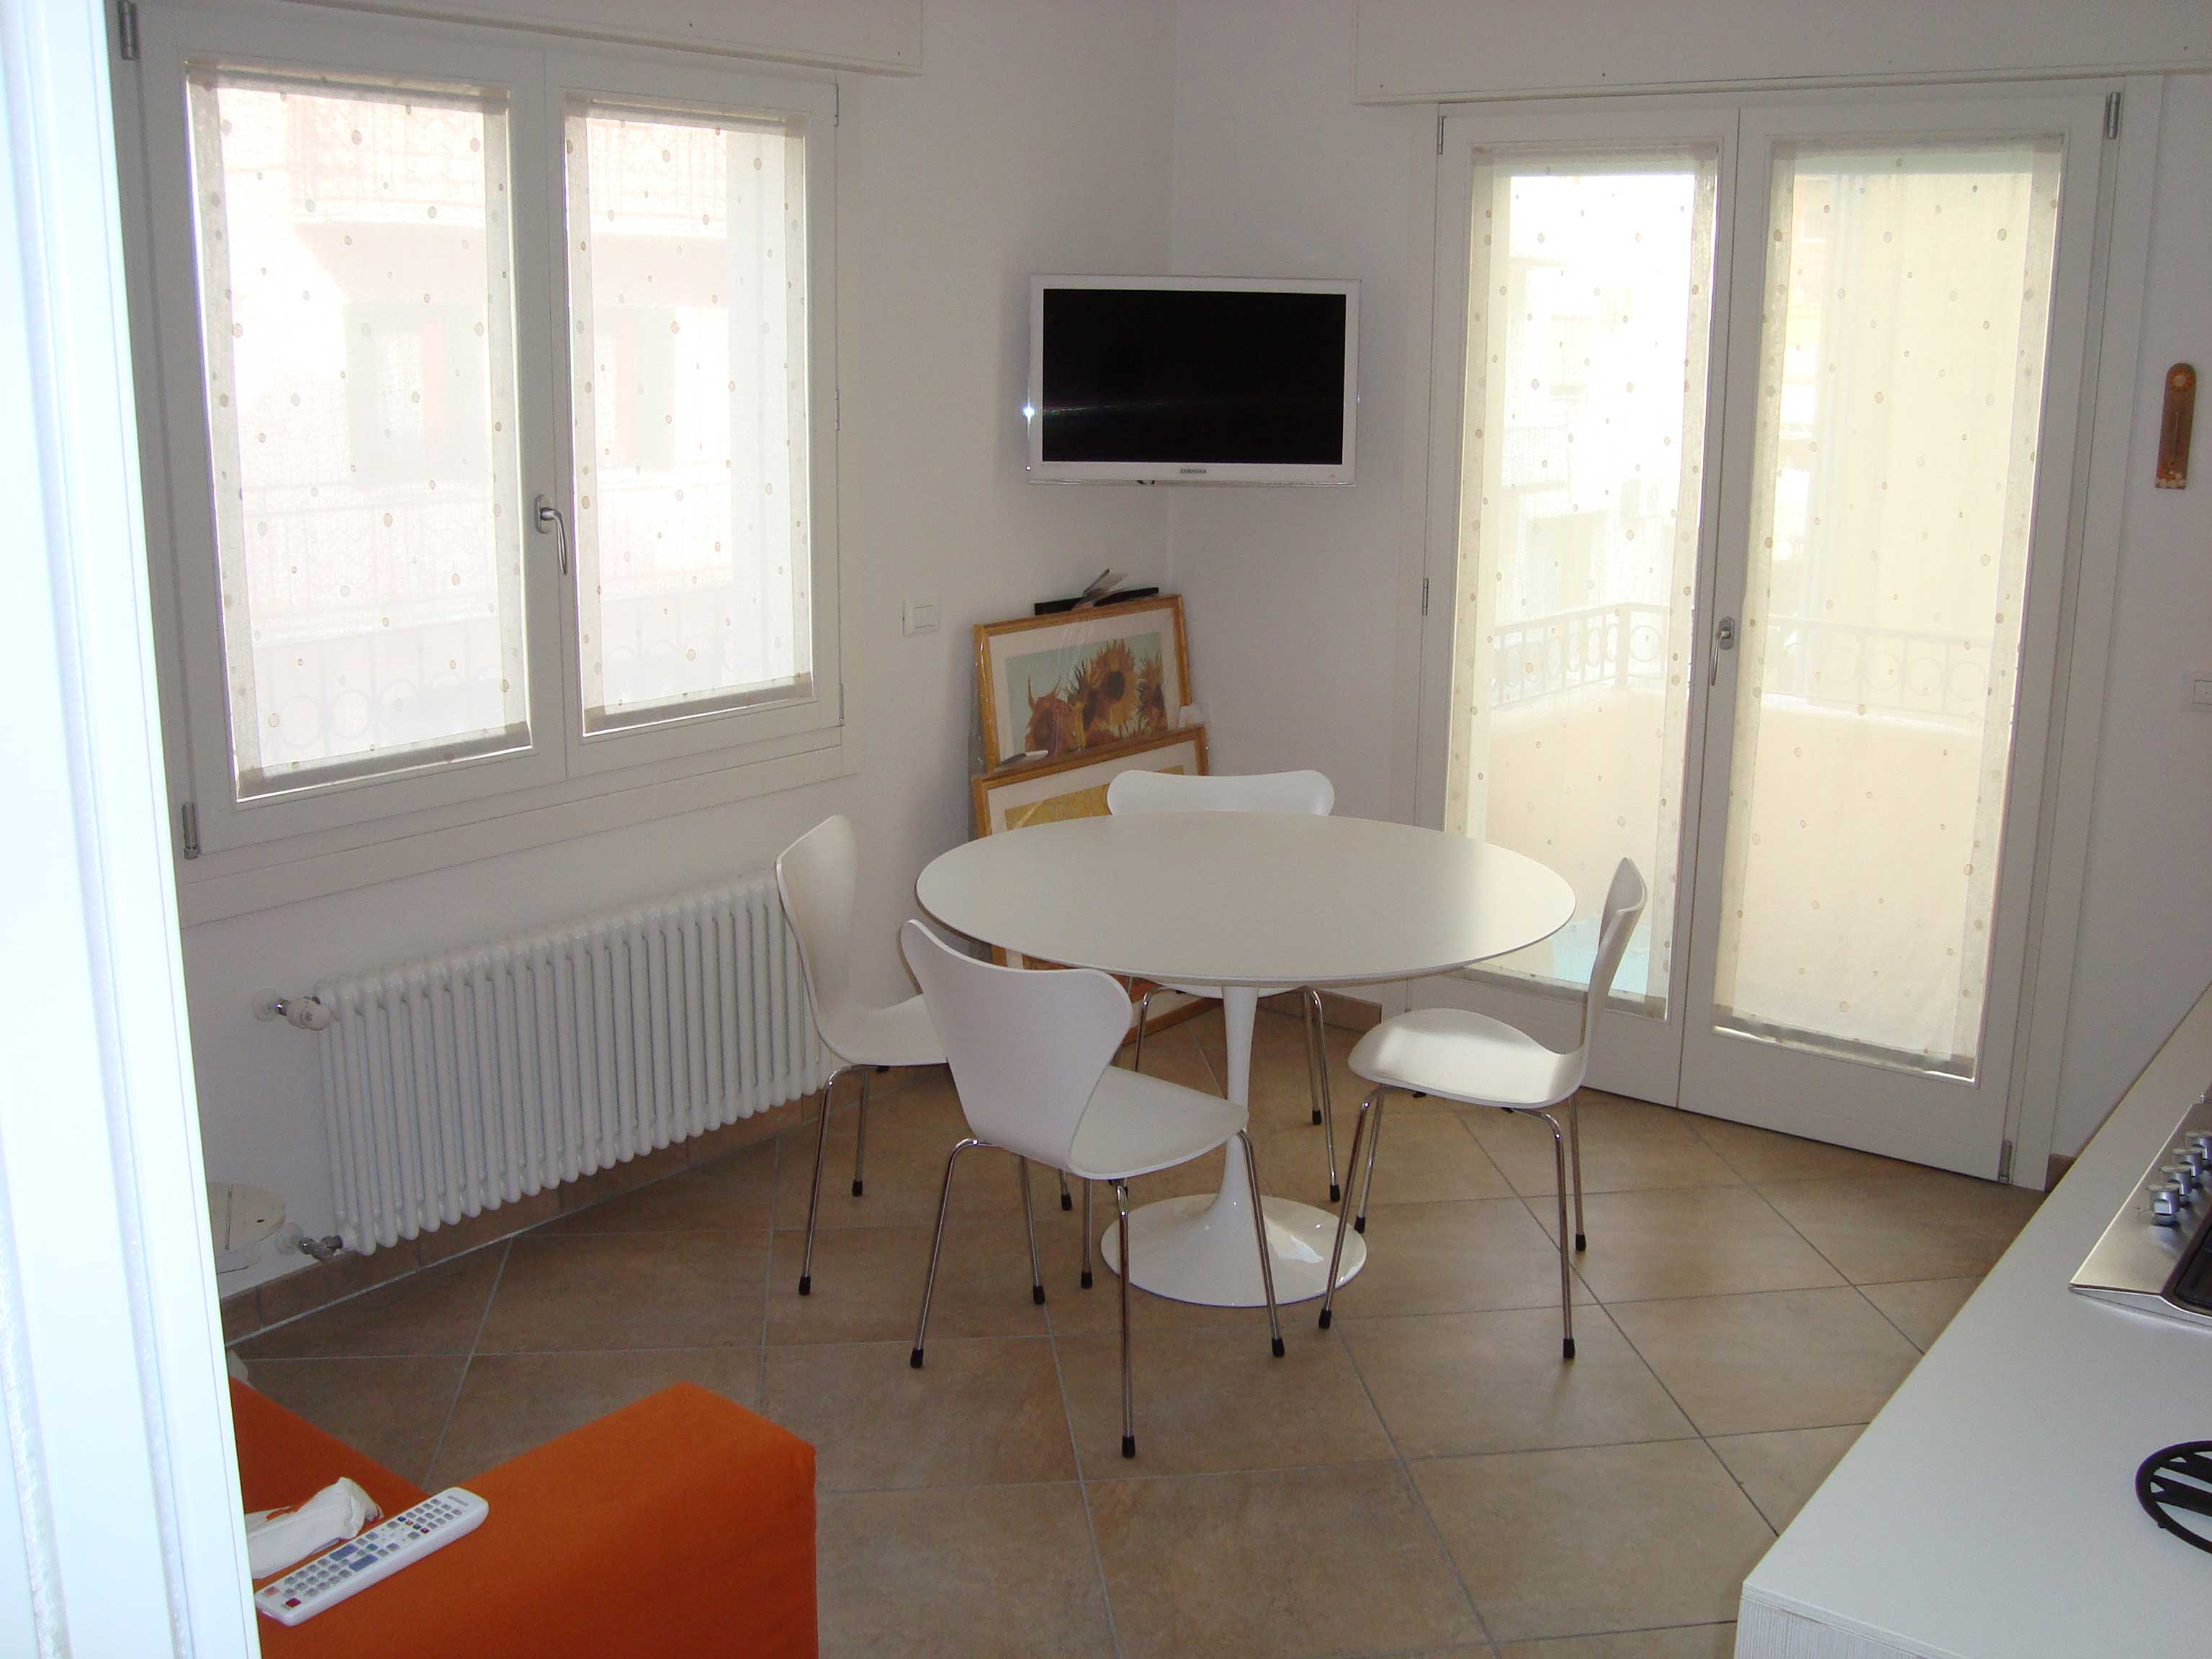 scorcio interno di un appartamento ristrutturato